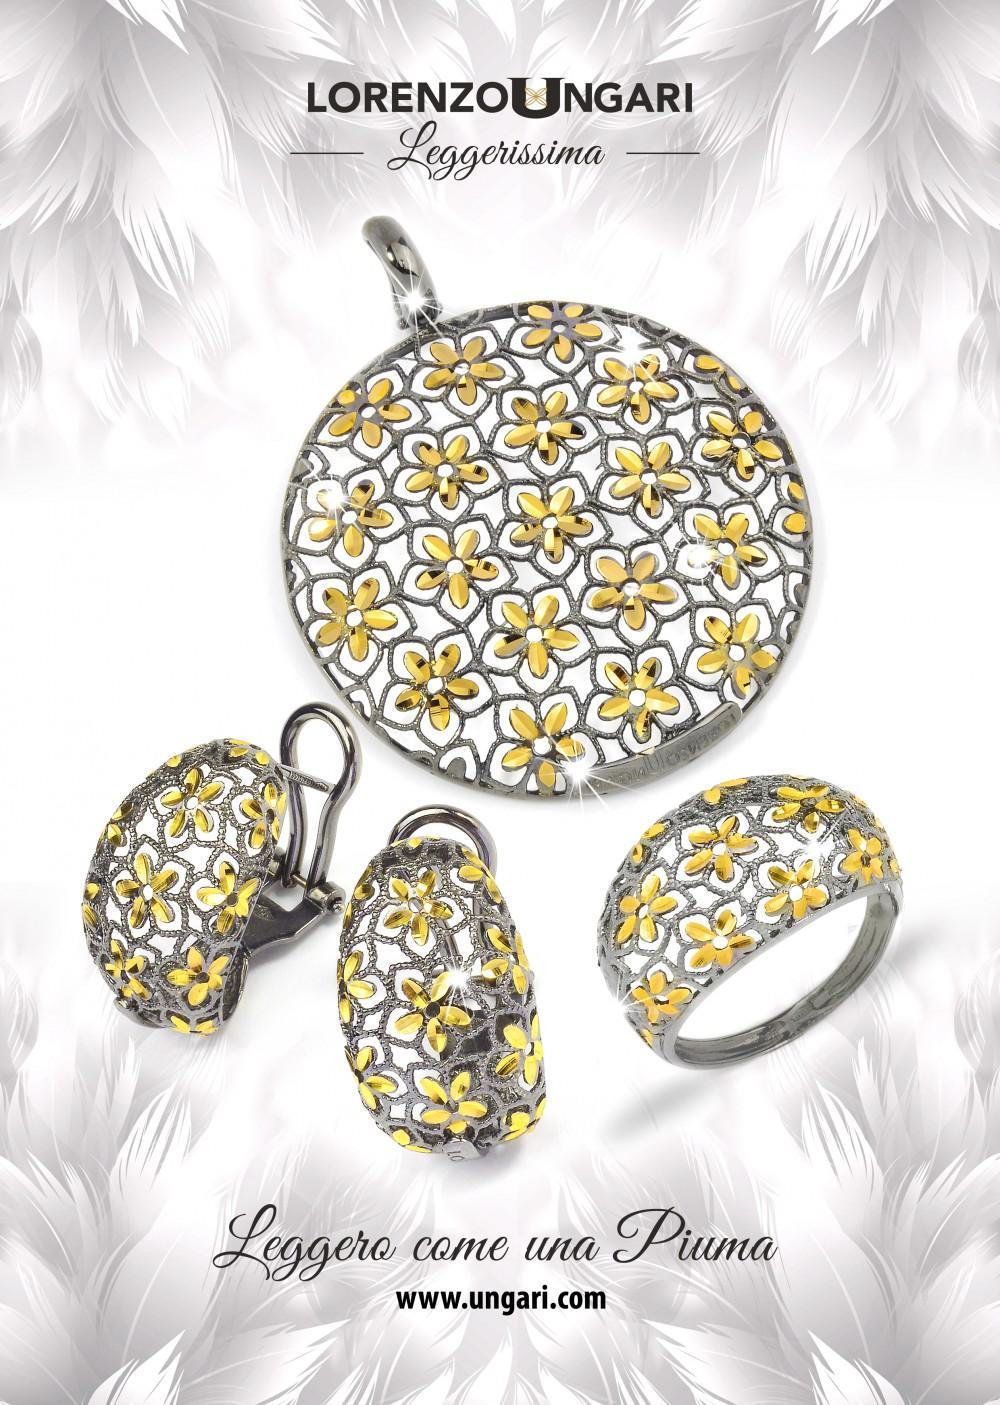 foto per gioielli in oro e gradica pubblicità ad arezzo